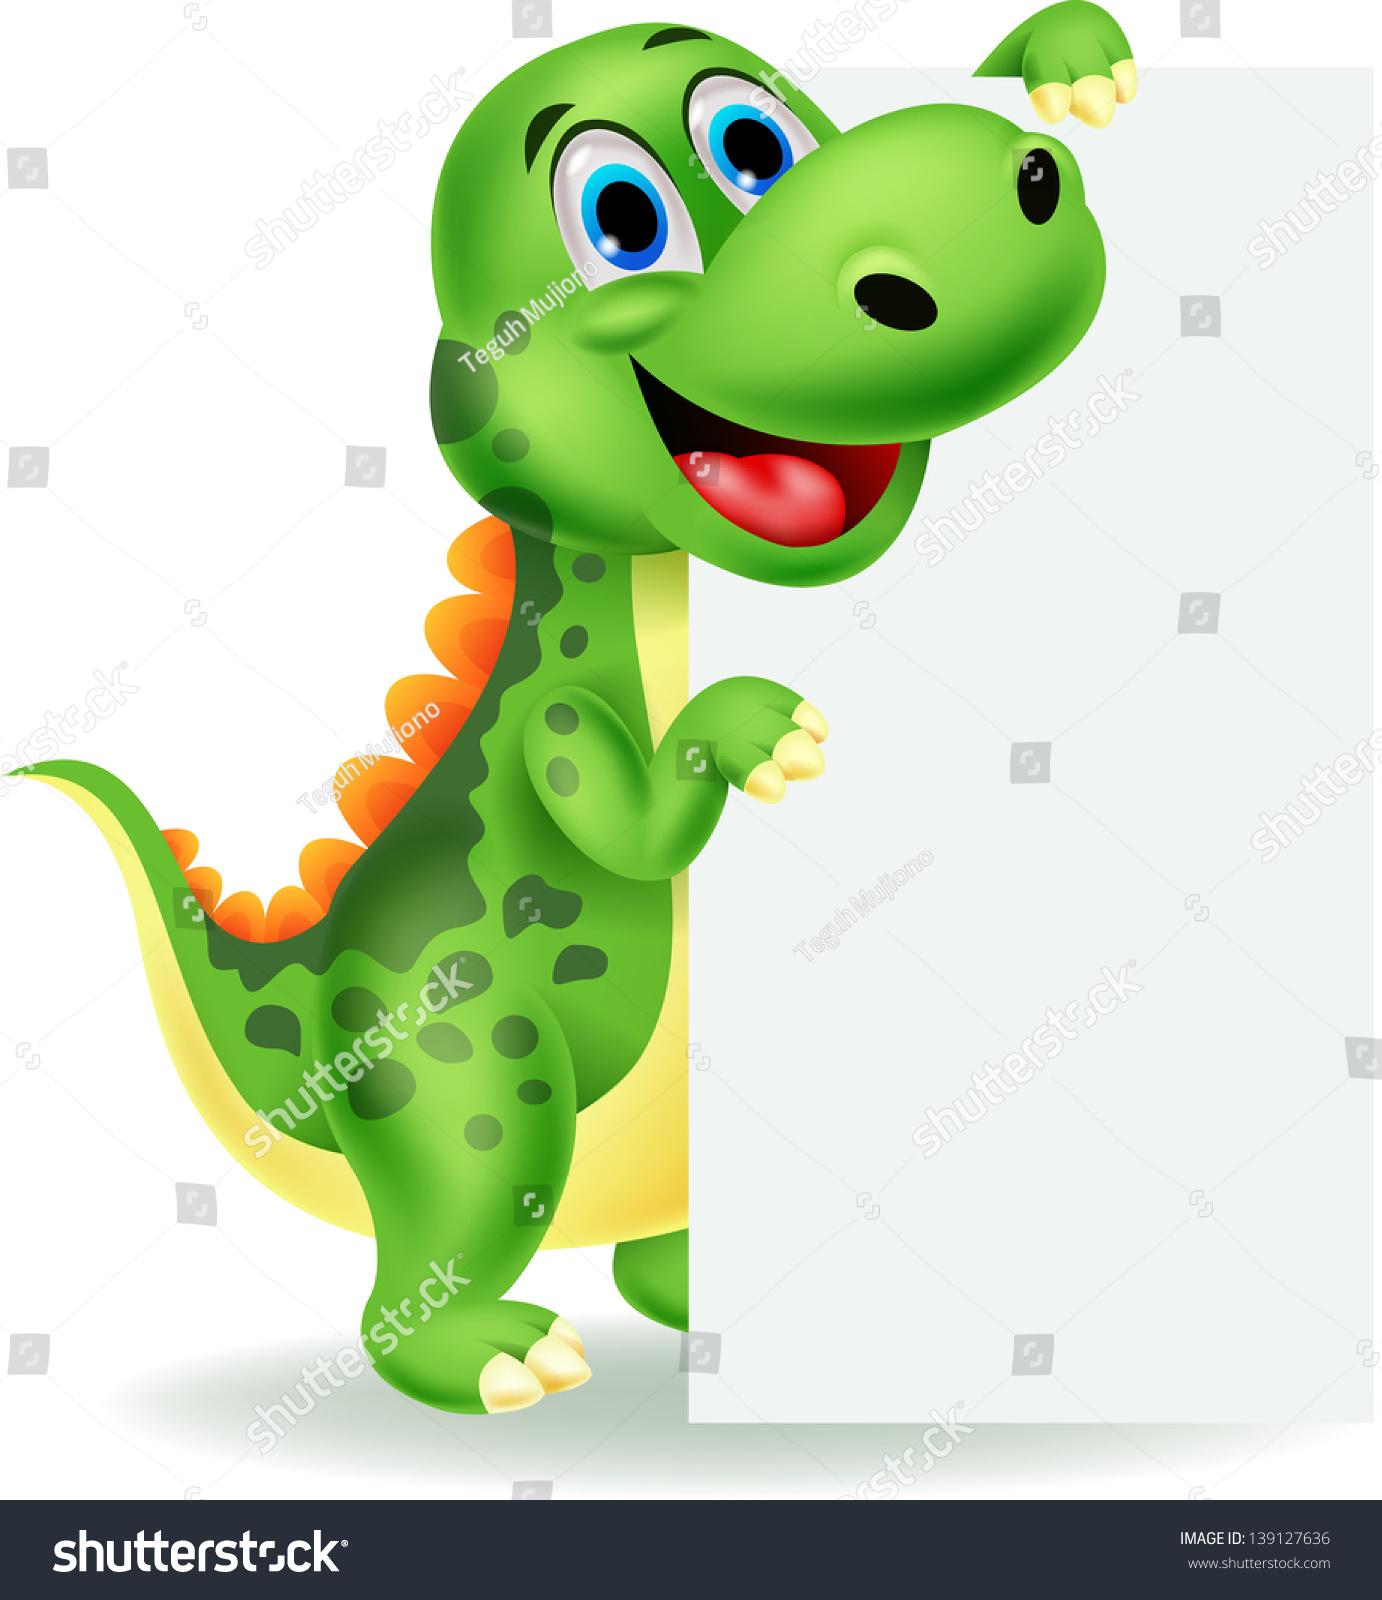 可爱的恐龙空白的迹象-动物/野生生物-海洛创意()-合